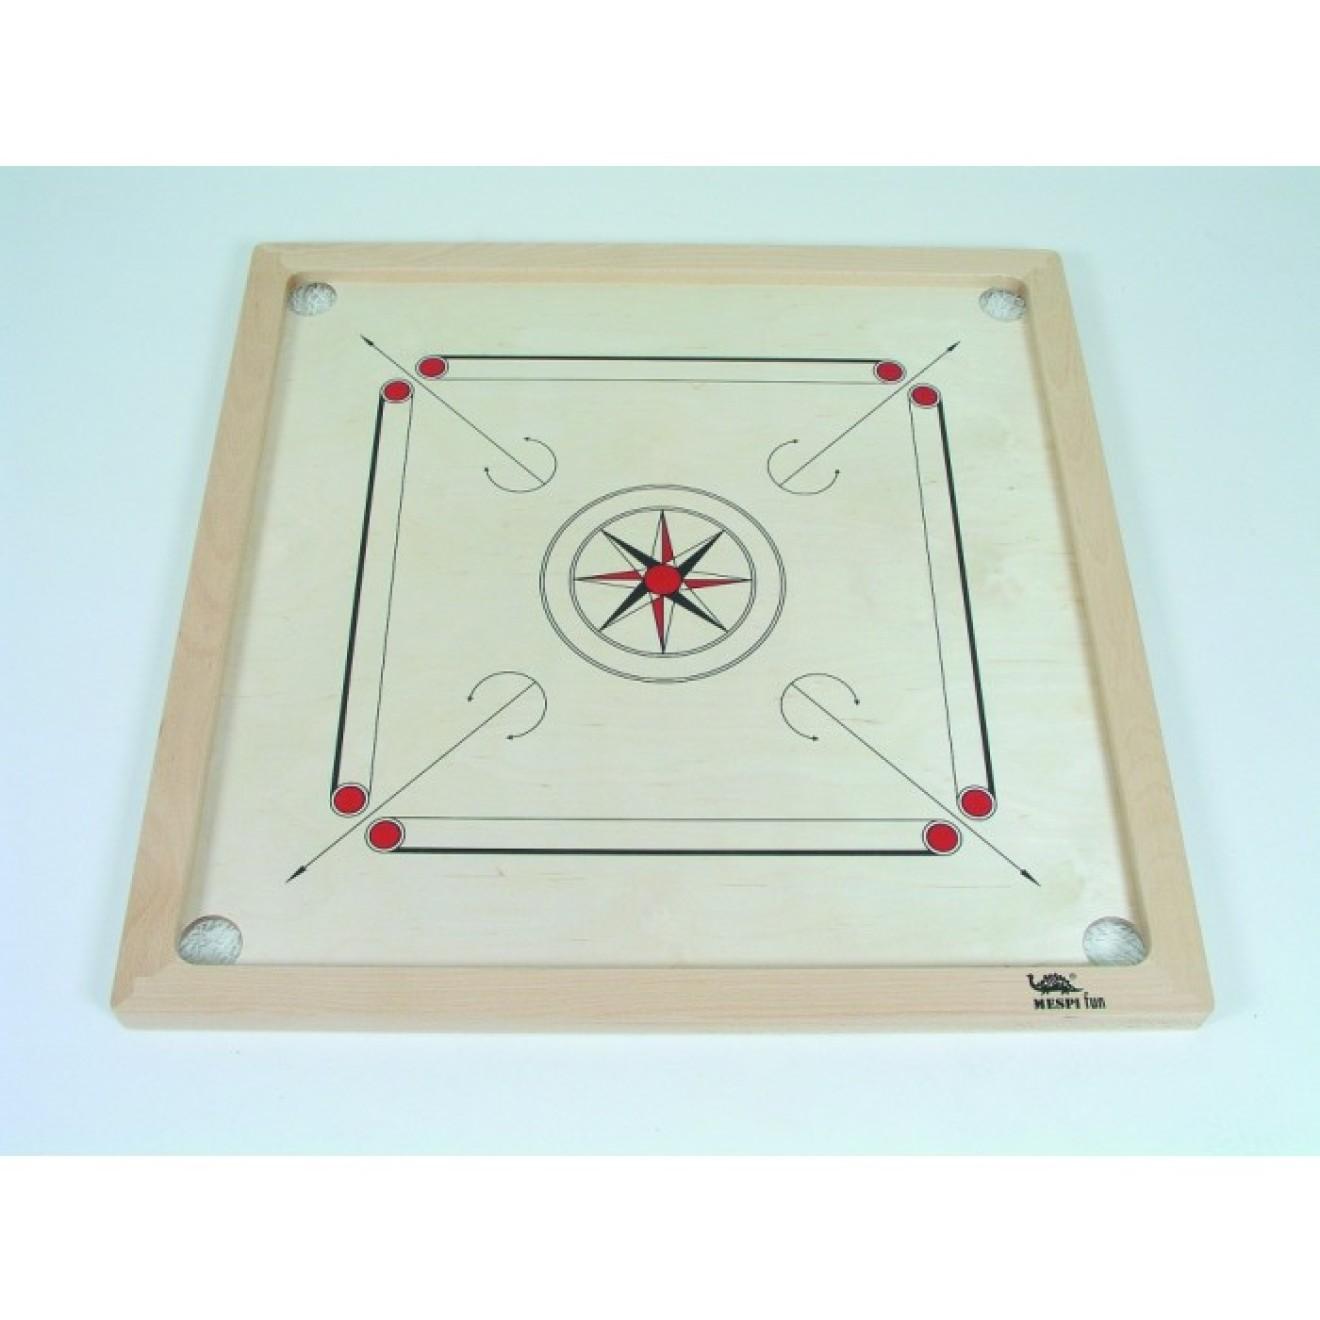 Spielfläche Birke Carrom Standard Buche schwarz-rot